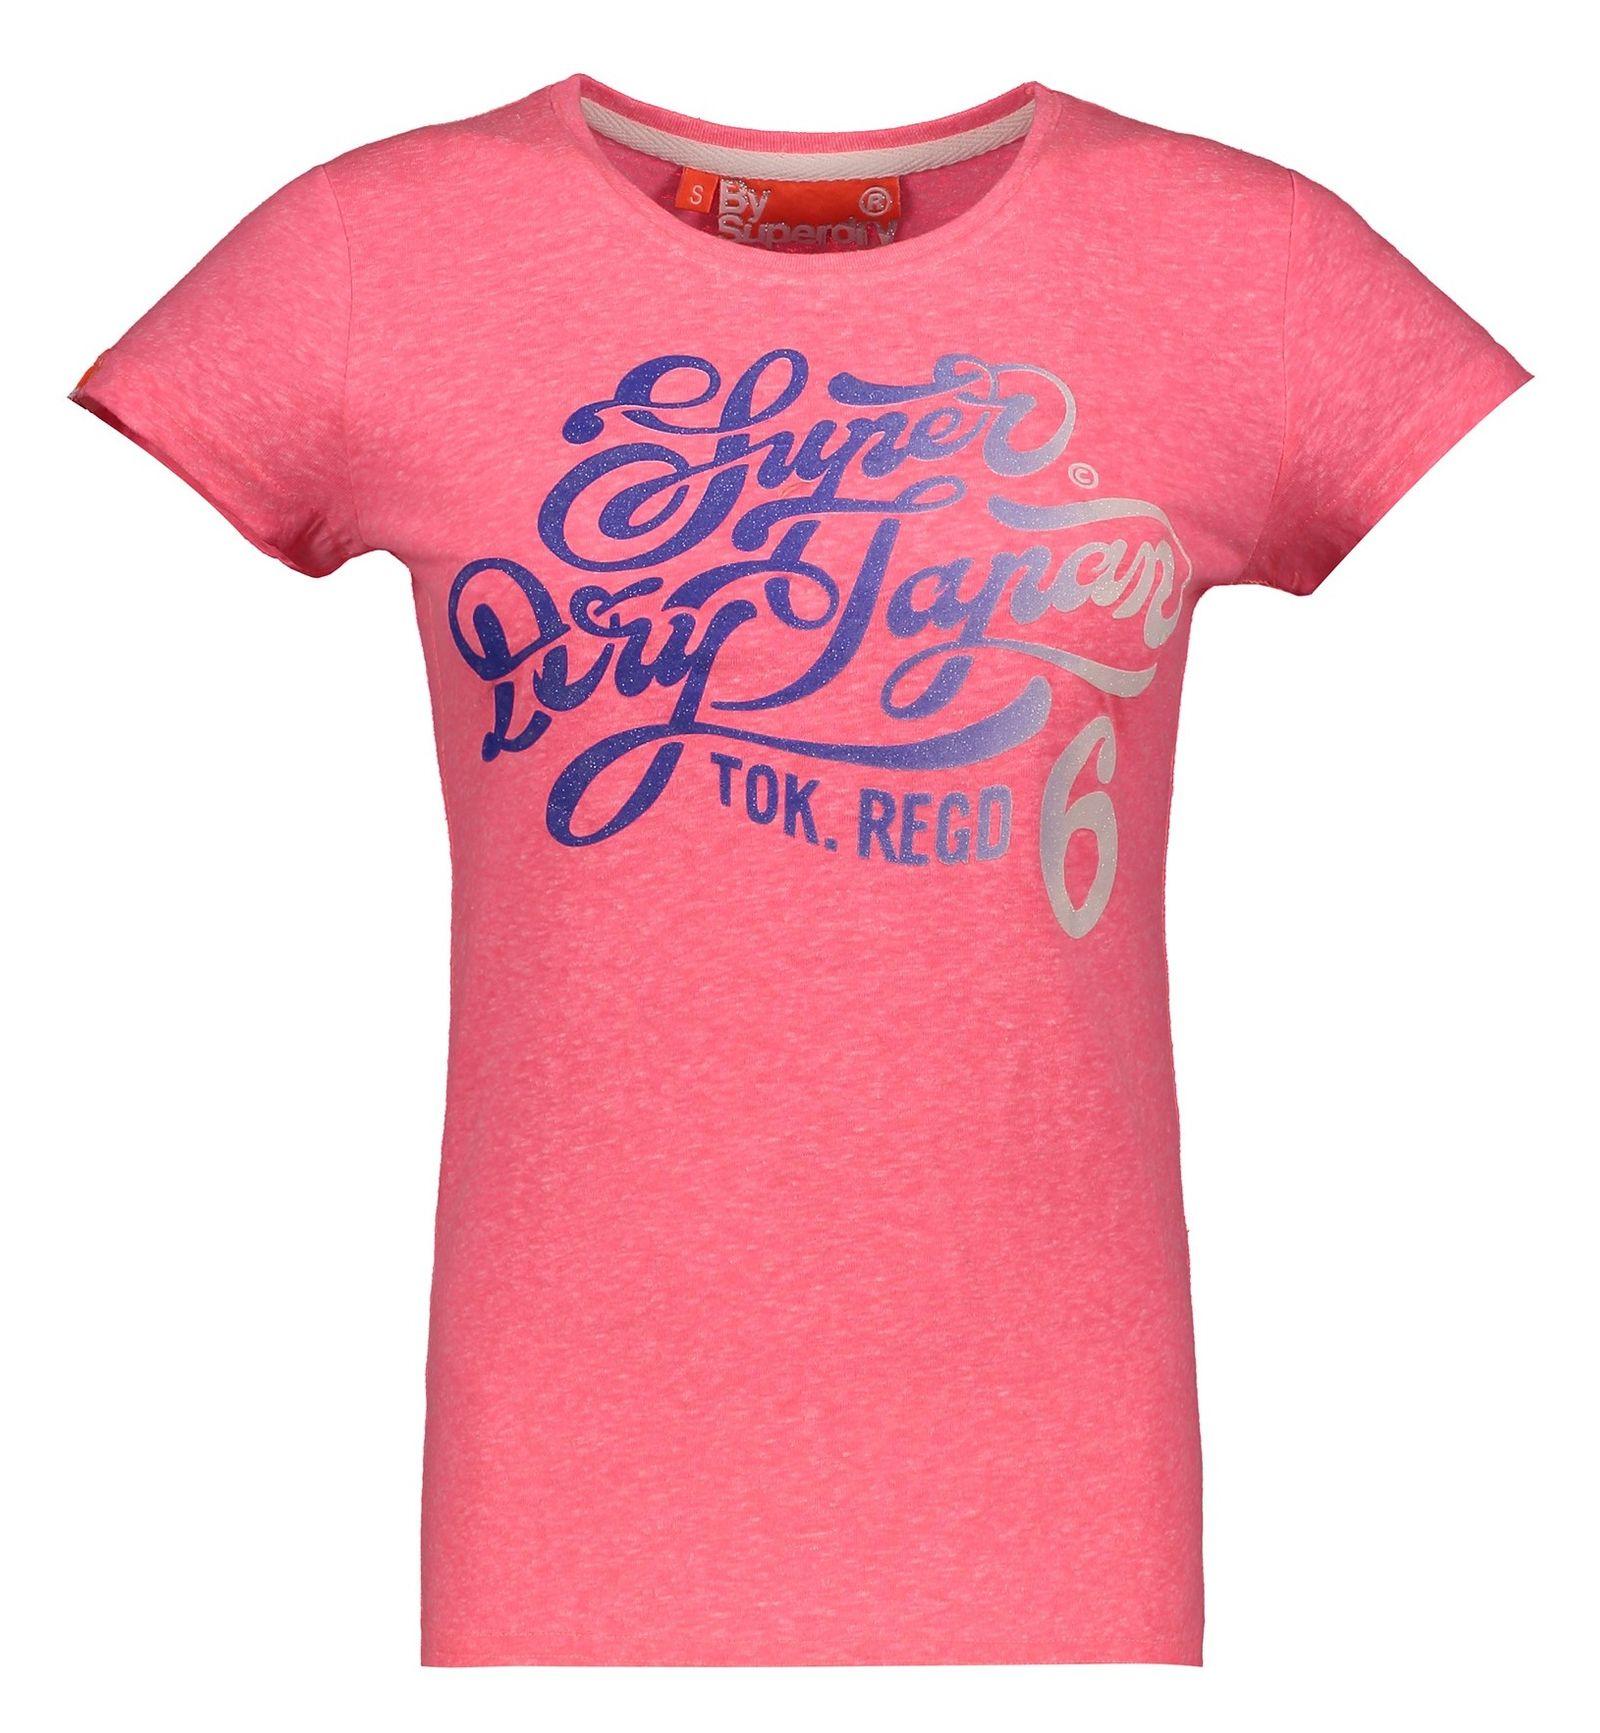 تی شرت نخی زنانه - سوپردرای - صورتي - 1